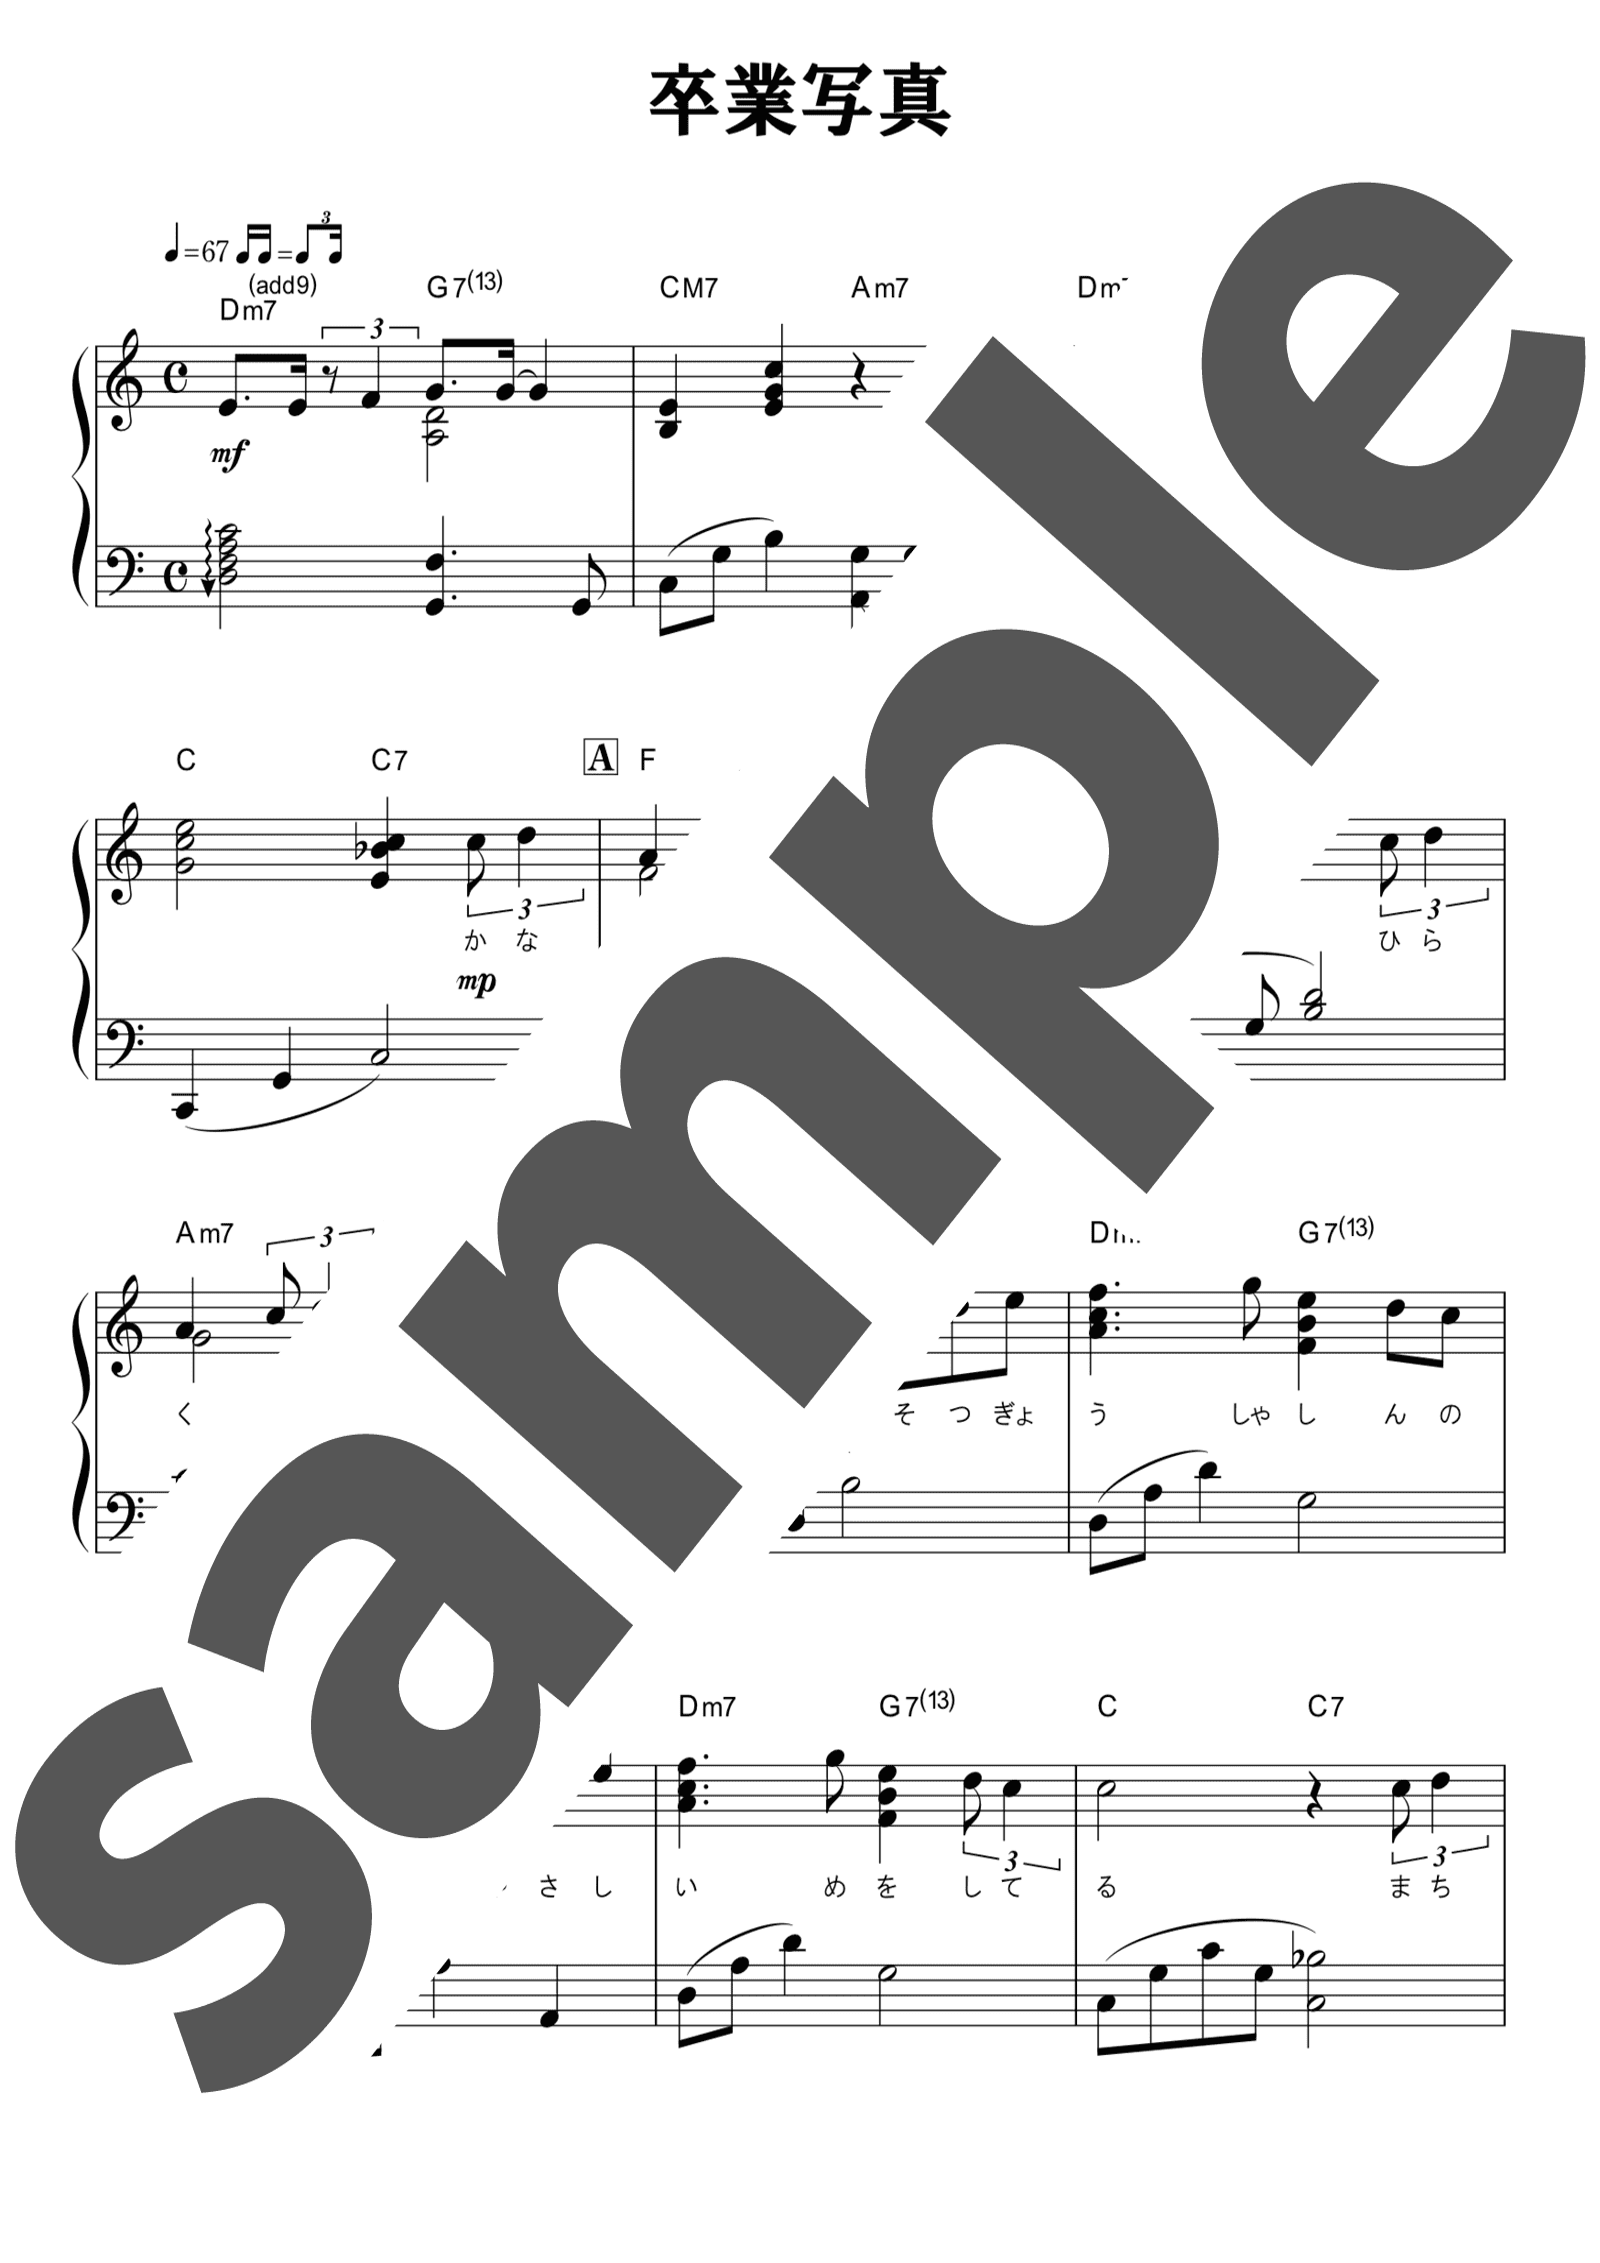 「卒業写真」のサンプル楽譜